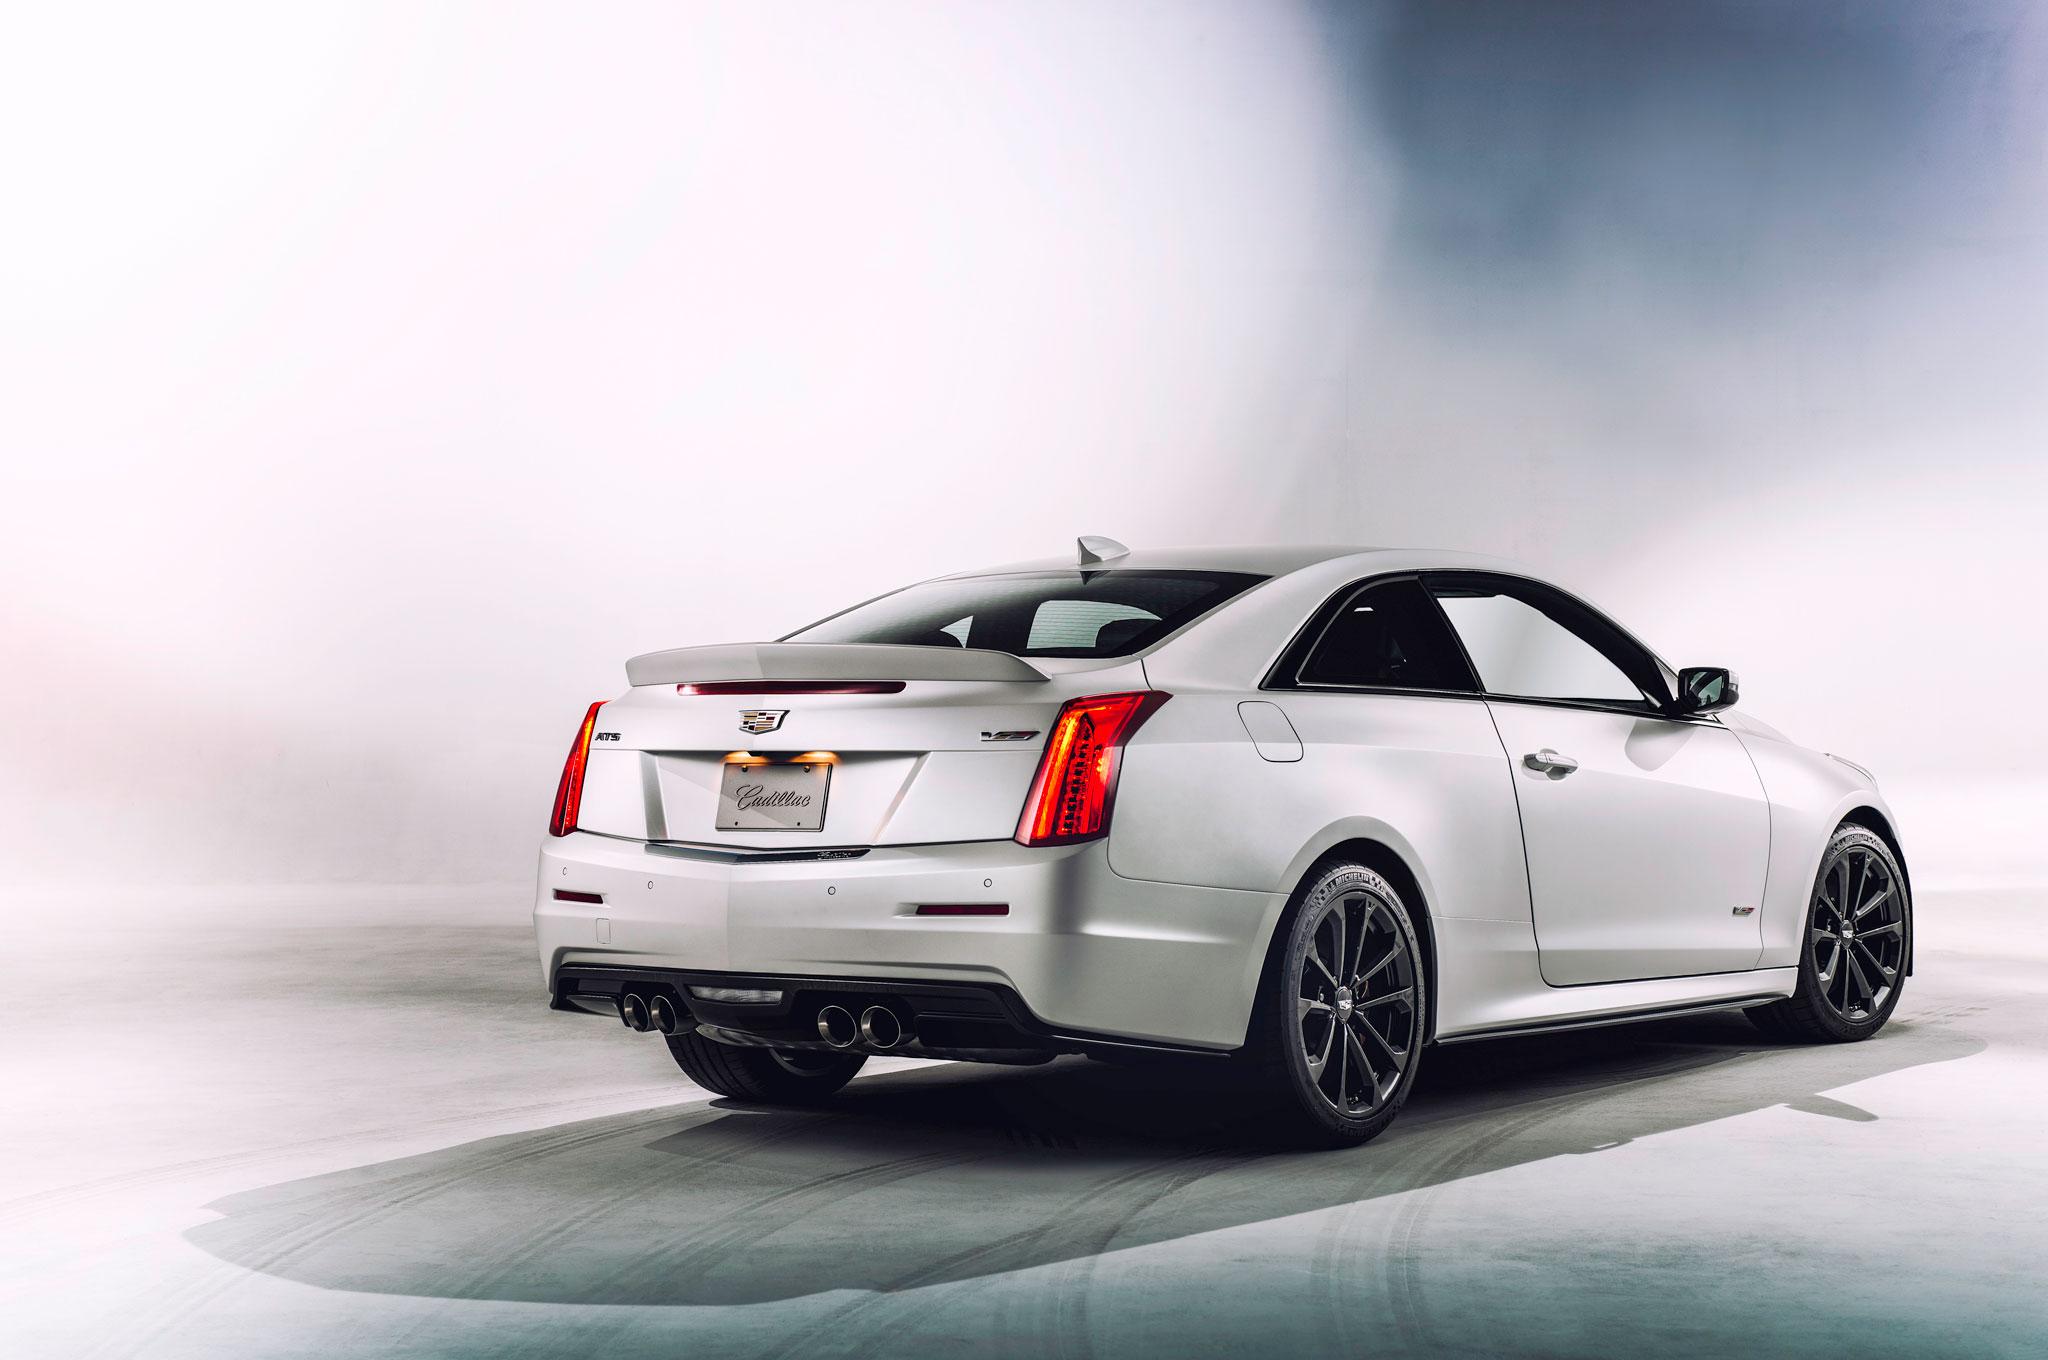 2016 Cadillac Ats V Sedan Starts At 61 460 Coupe From